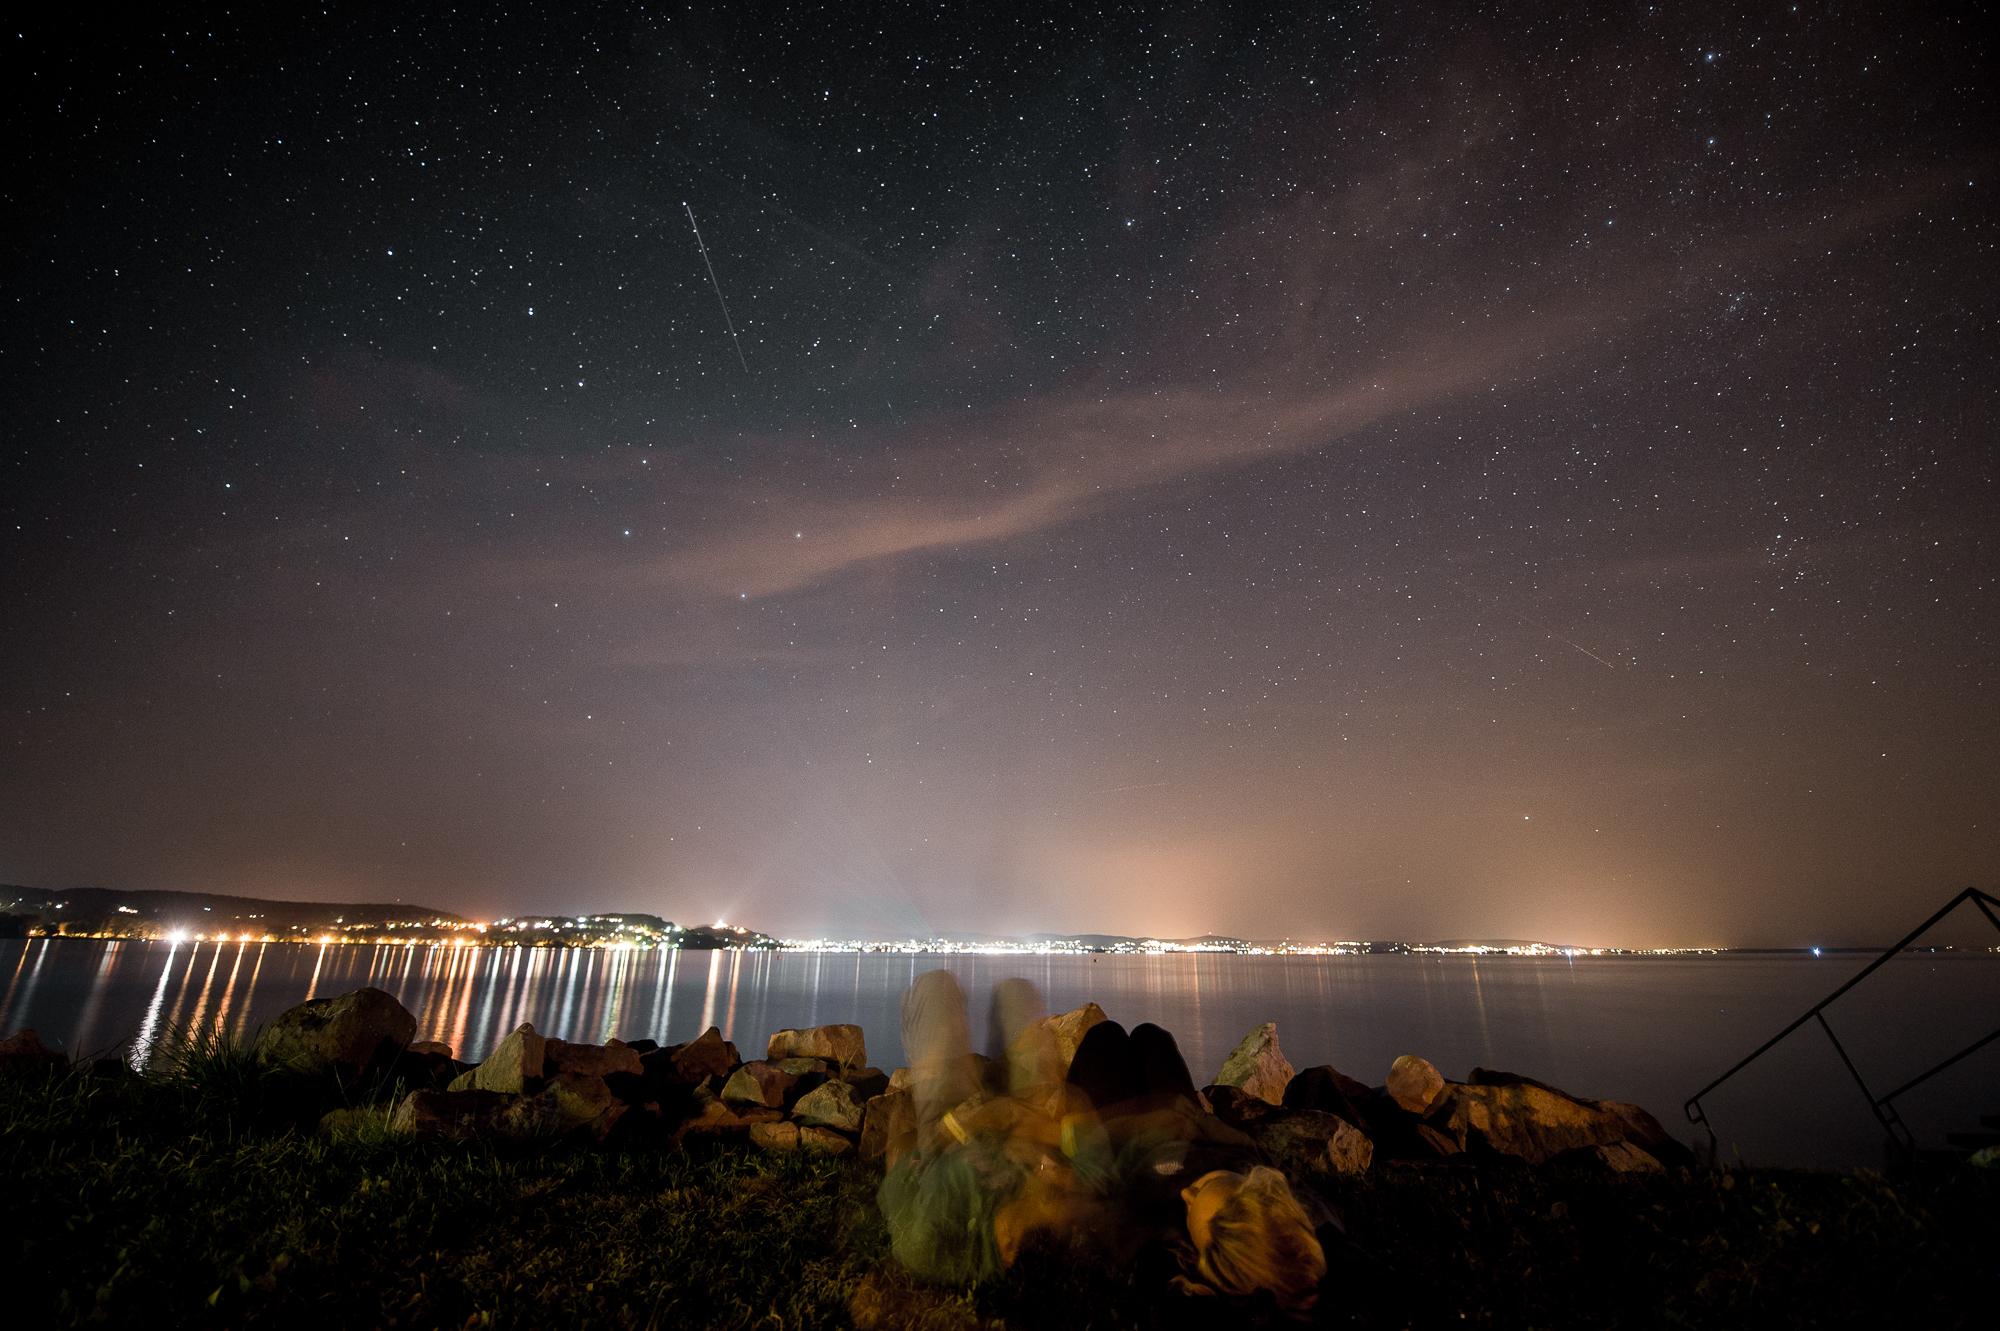 Fiatalok nézik a csillaghullást a Balaton parton Zamárdiban 2015. augusztus 11-én.